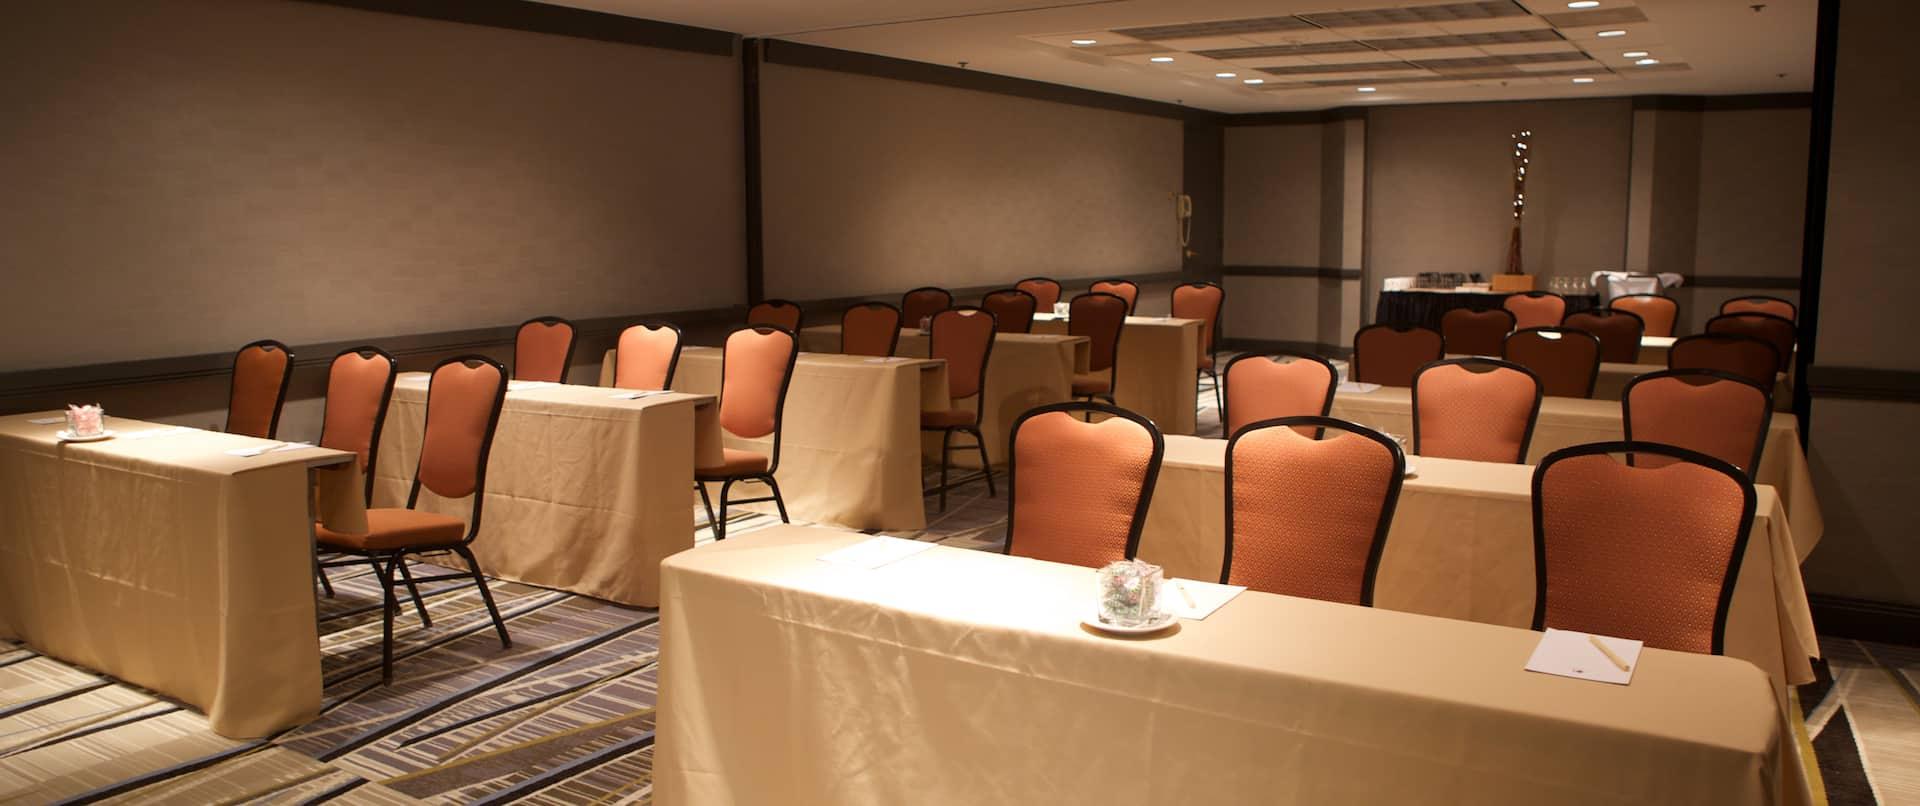 Durham Room